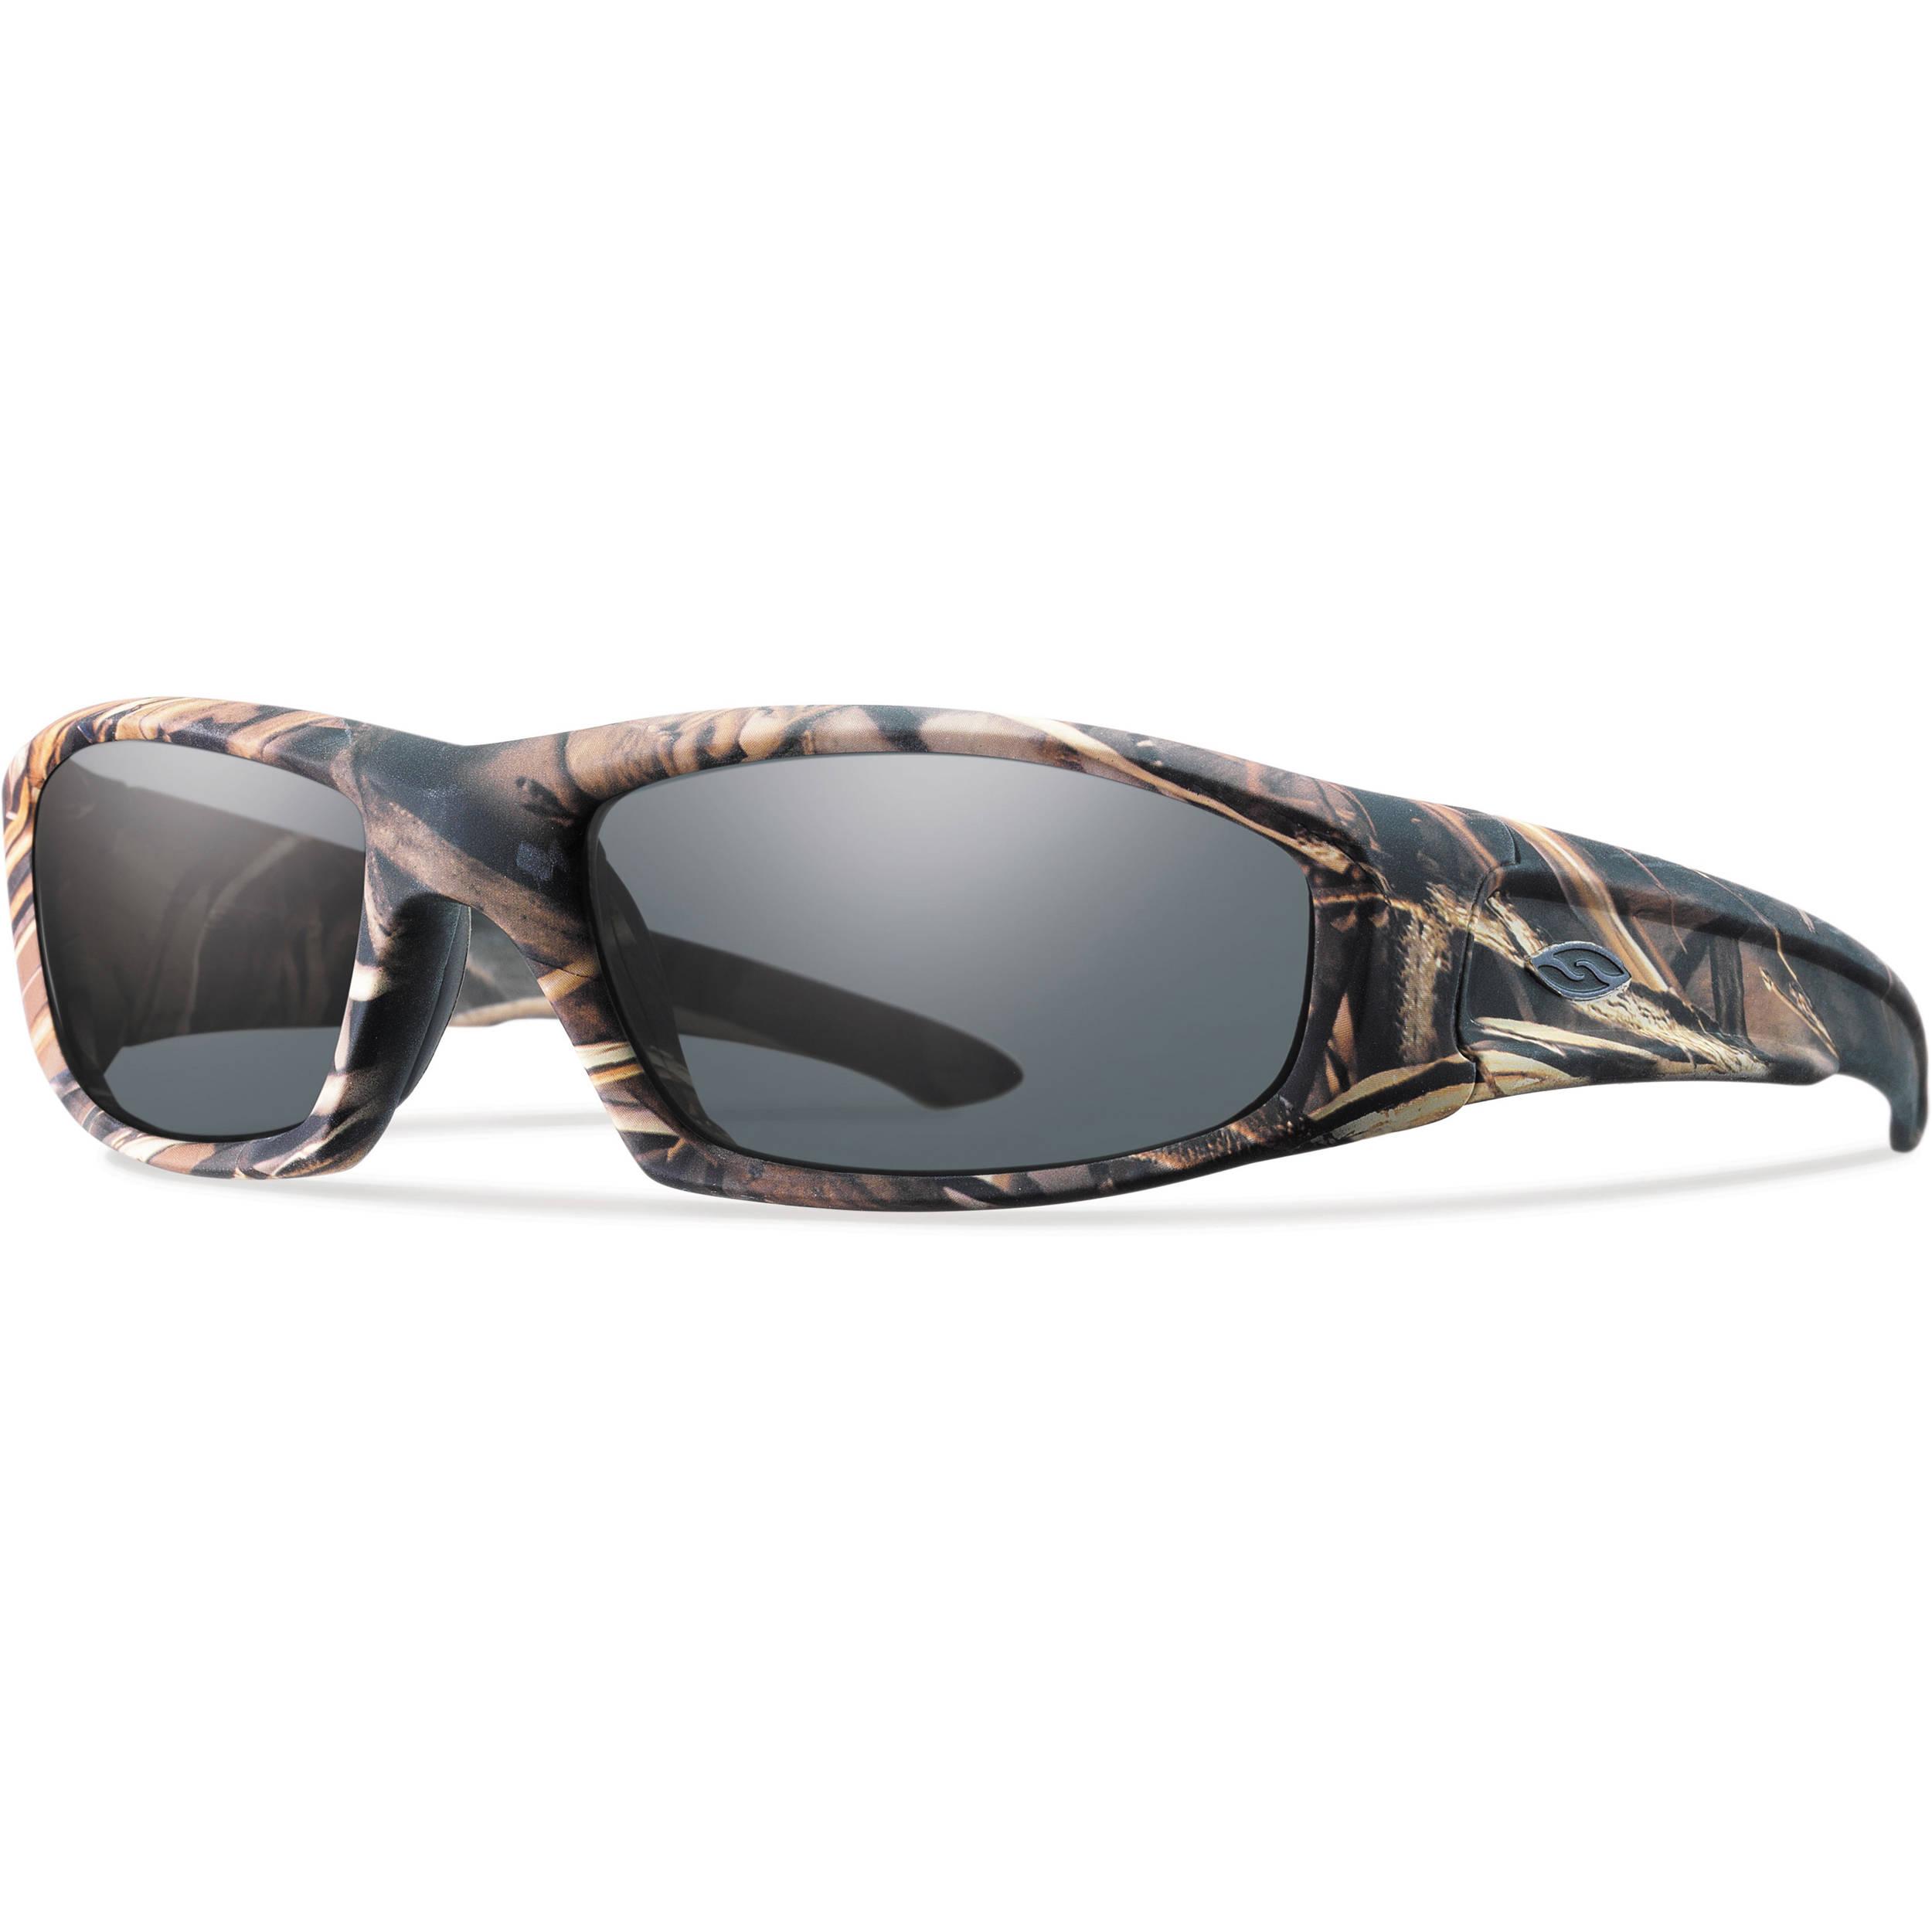 dde6d79399b Smith Optics Hudson Elite Tactical Sunglasses (Realtree Max-4 - Gray Lens)